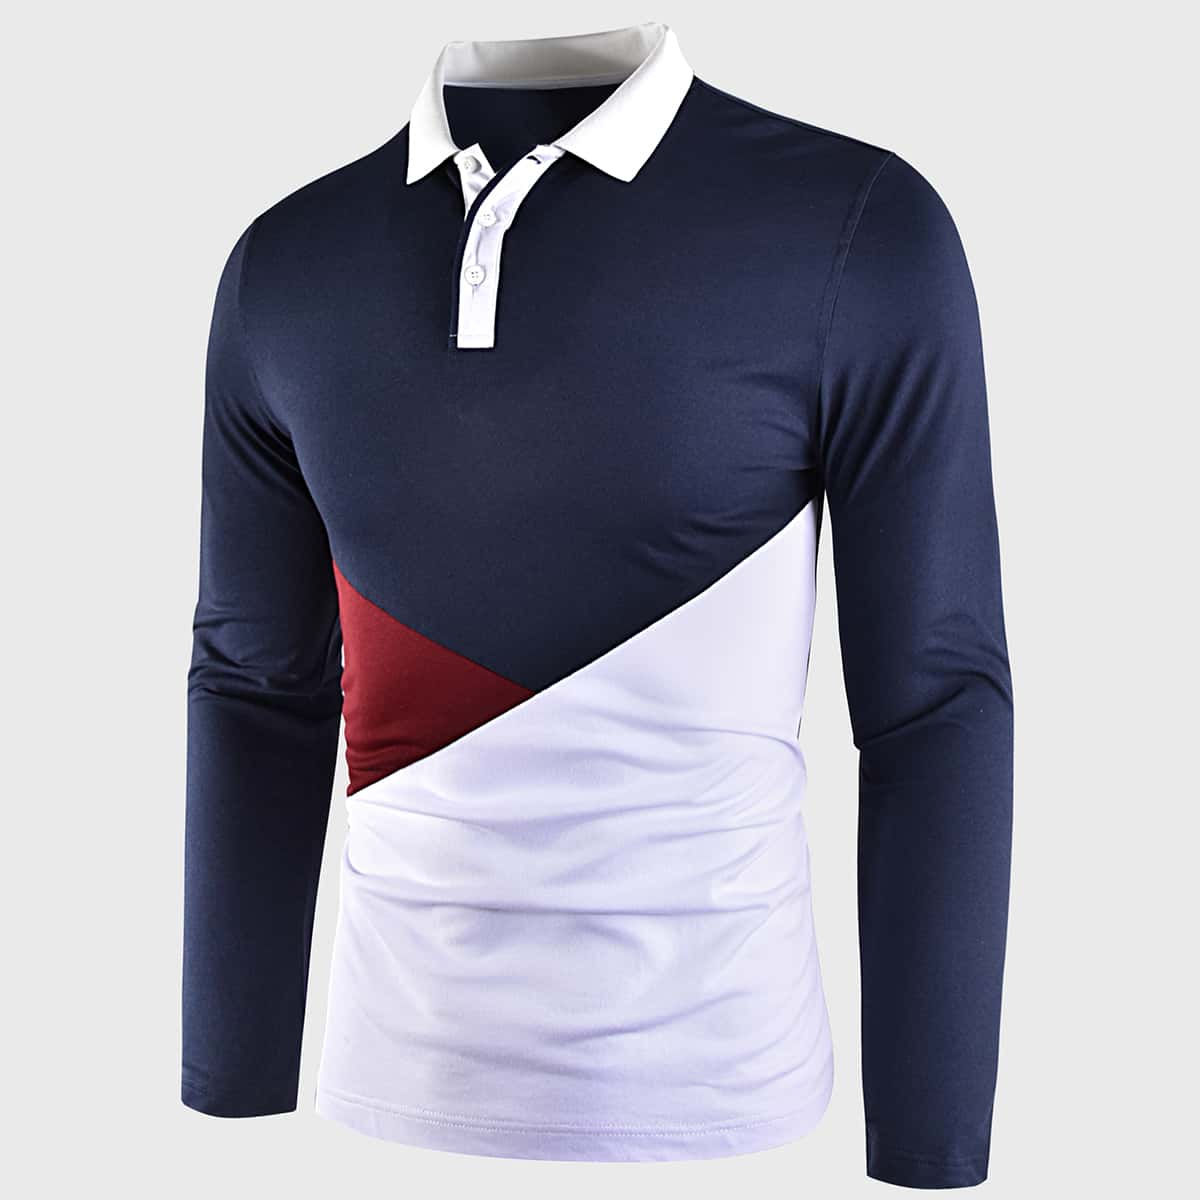 Контрастный воротник контрастный цвет повседневный мужская рубашка-поло